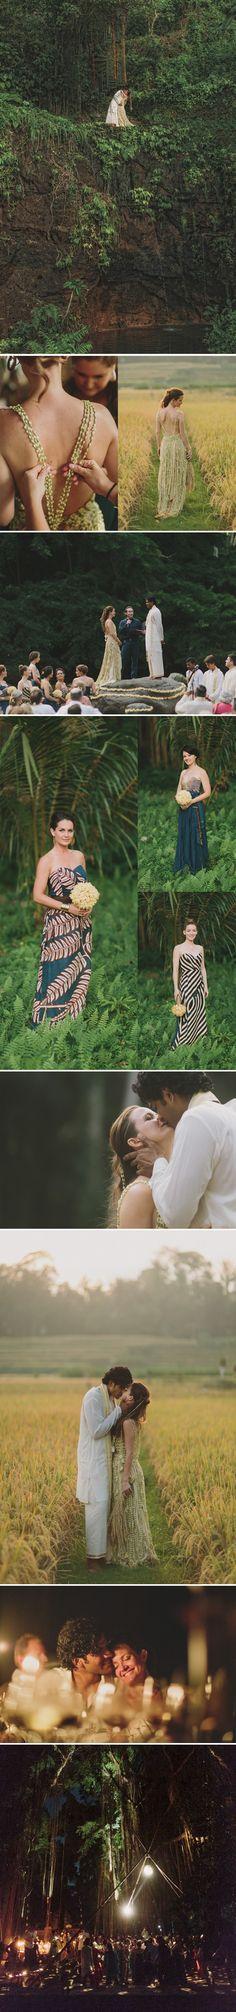 A dress made of jasmine... a balinese wedding.